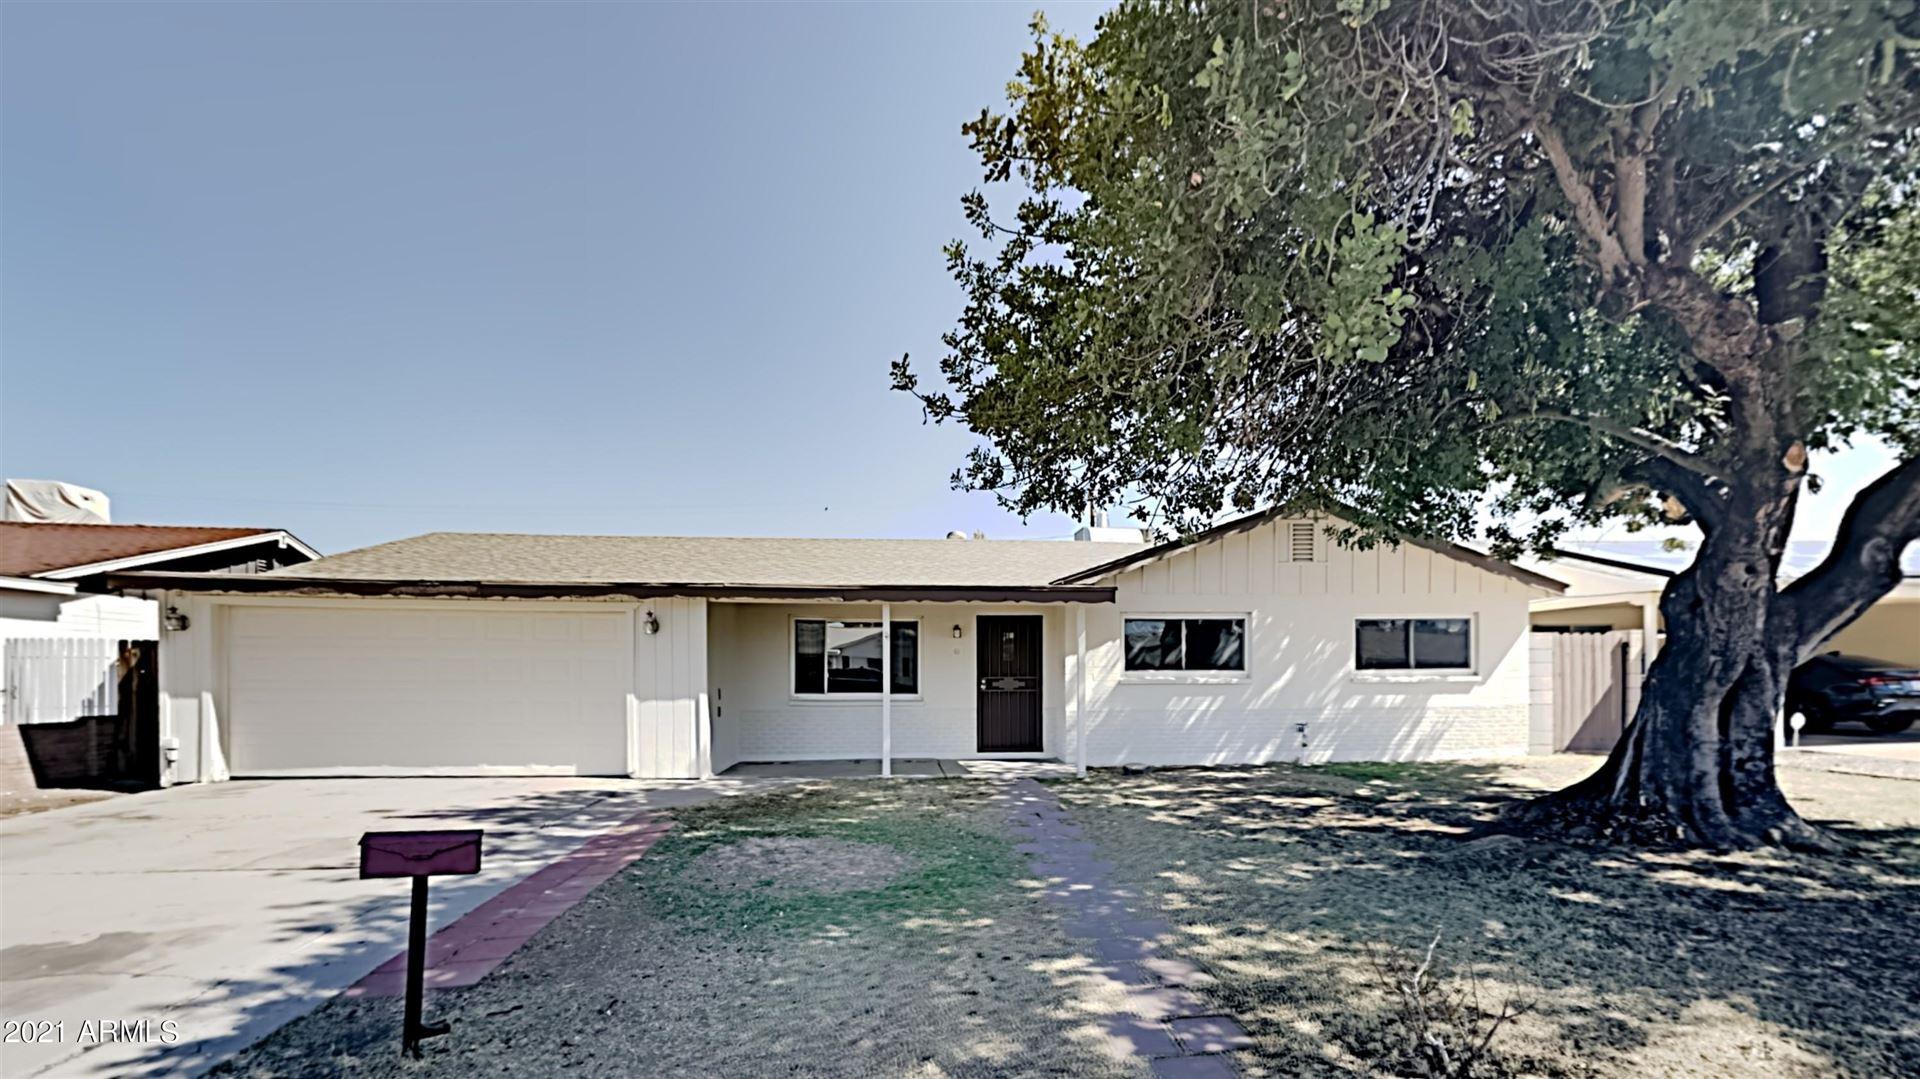 3020 W LARKSPUR Drive, Phoenix, AZ 85029 - MLS#: 6234798